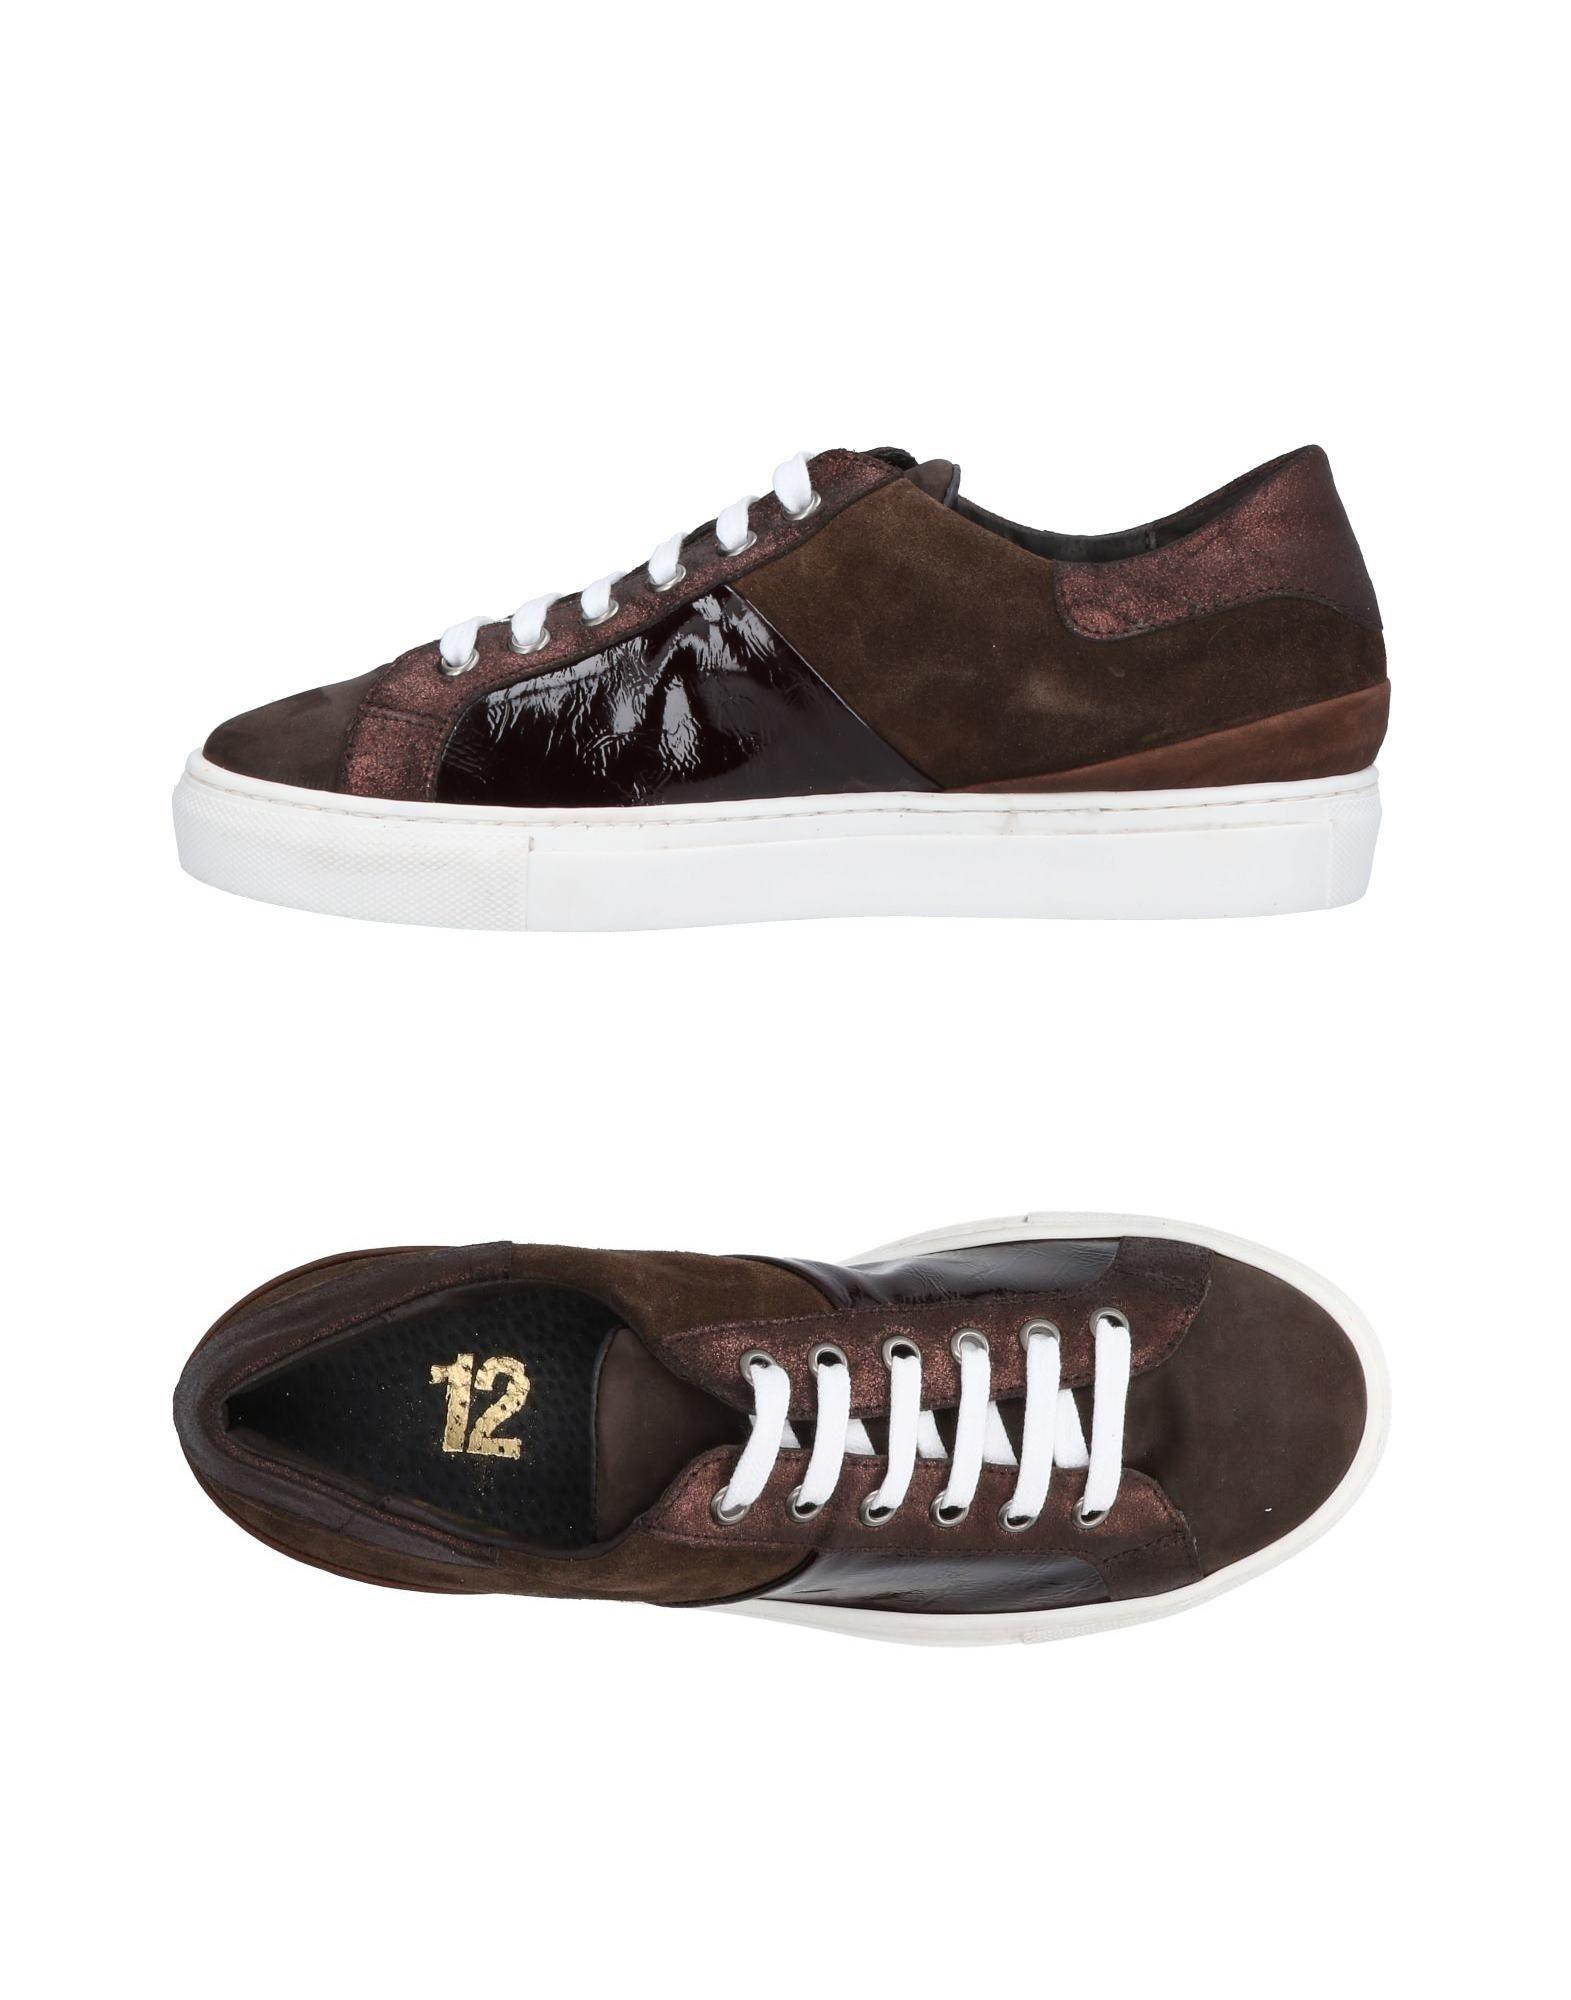 Moda Sneakers Tsd12 Tsd12 Tsd12 Donna - 11456354IH 275110